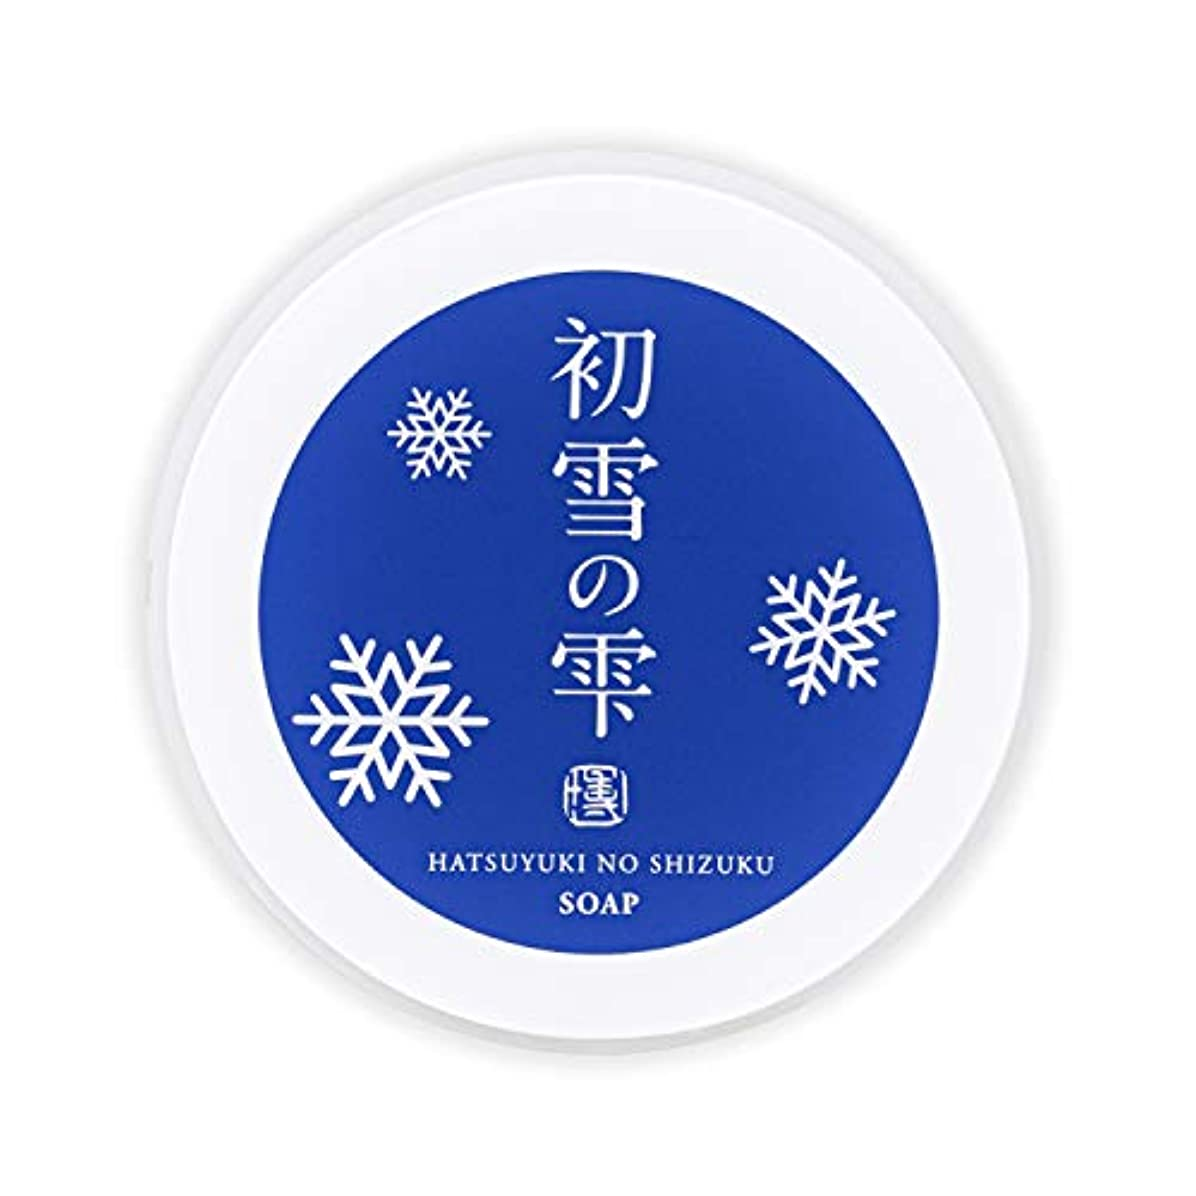 デザイナー郵便ピンク初雪の雫 洗顔 練り せっけん ジャータイプ 34g [アミノ酸 ヒアルロン酸 プラセンタエキス セラミド 配合]